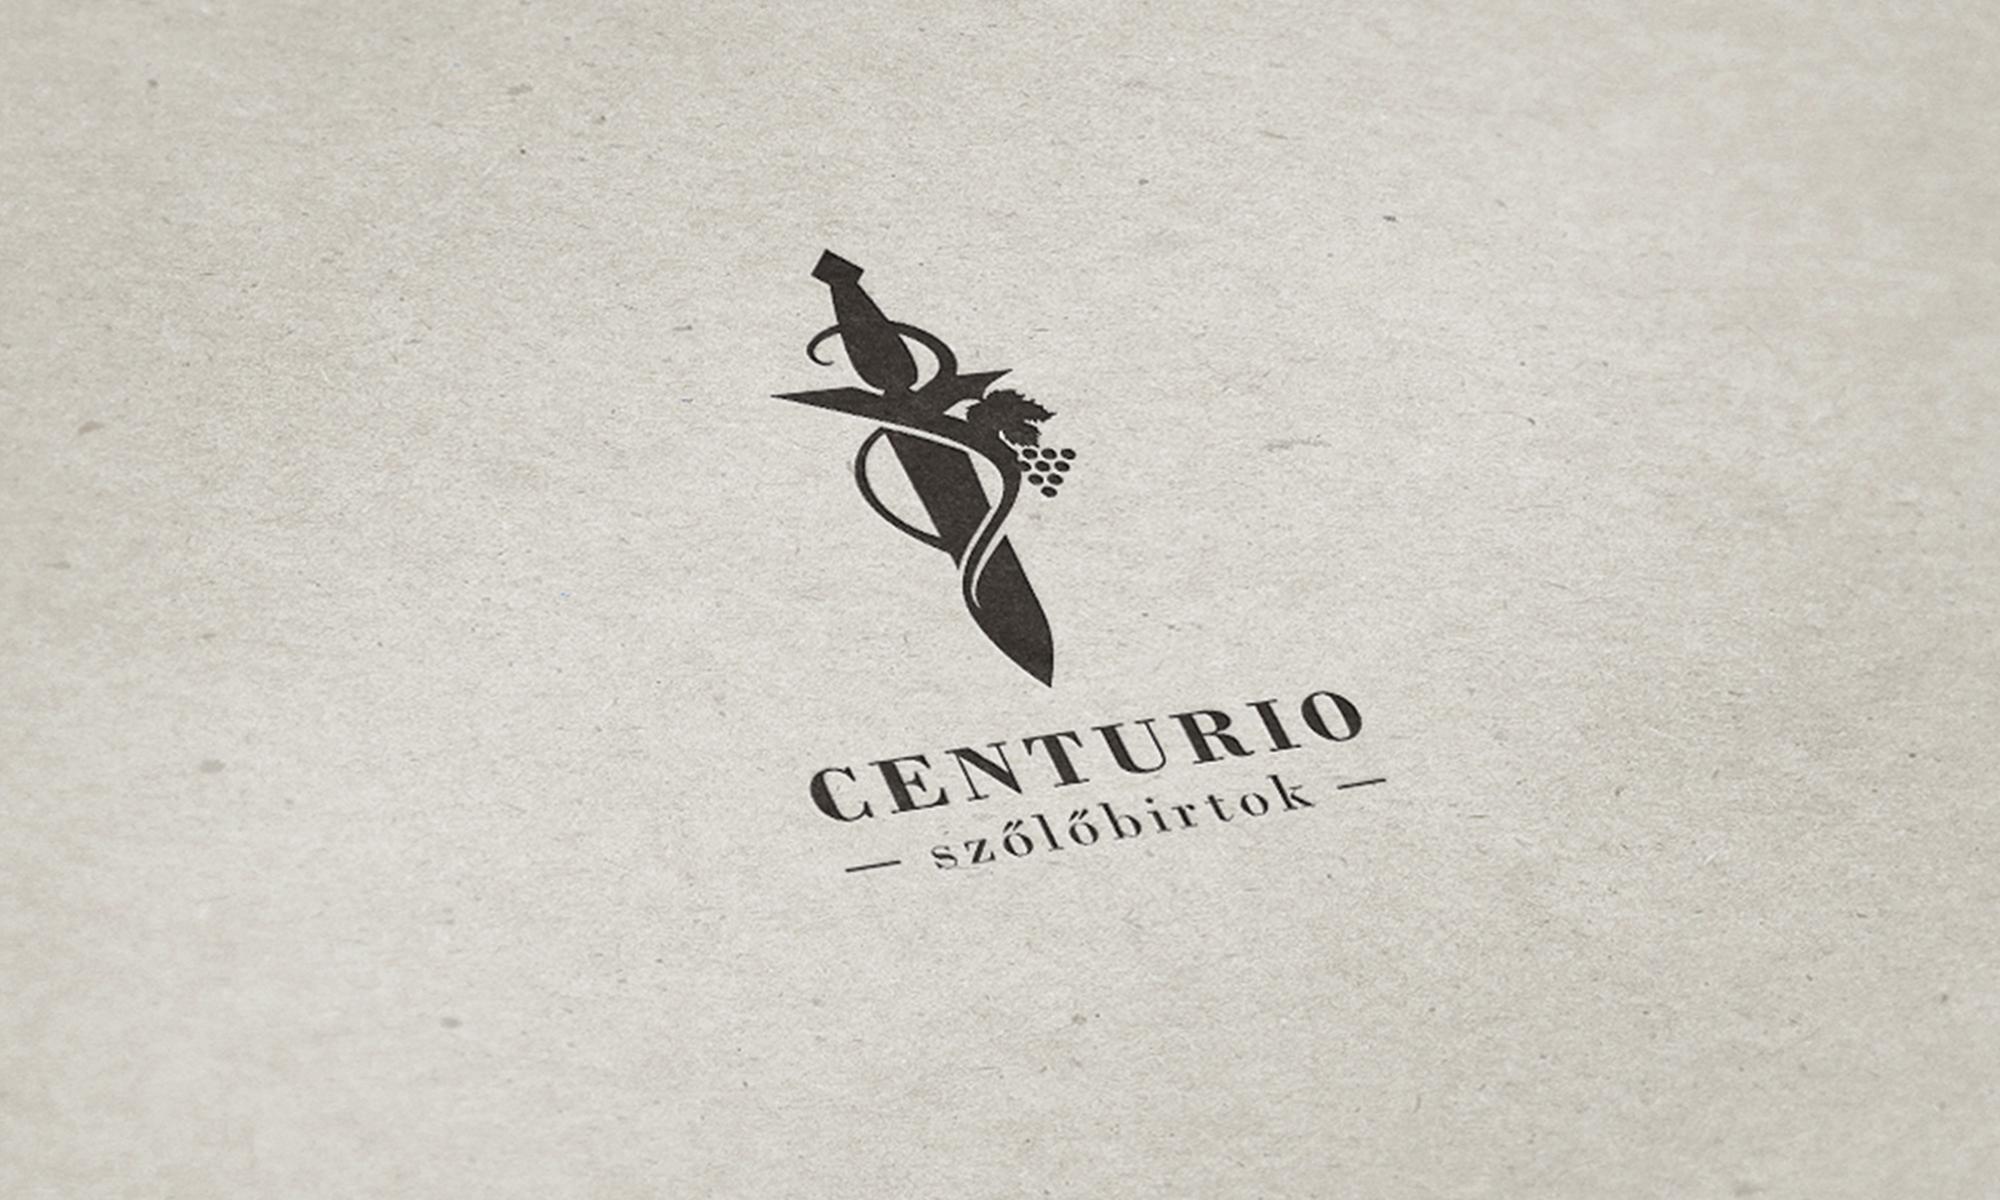 centurio_01.jpg